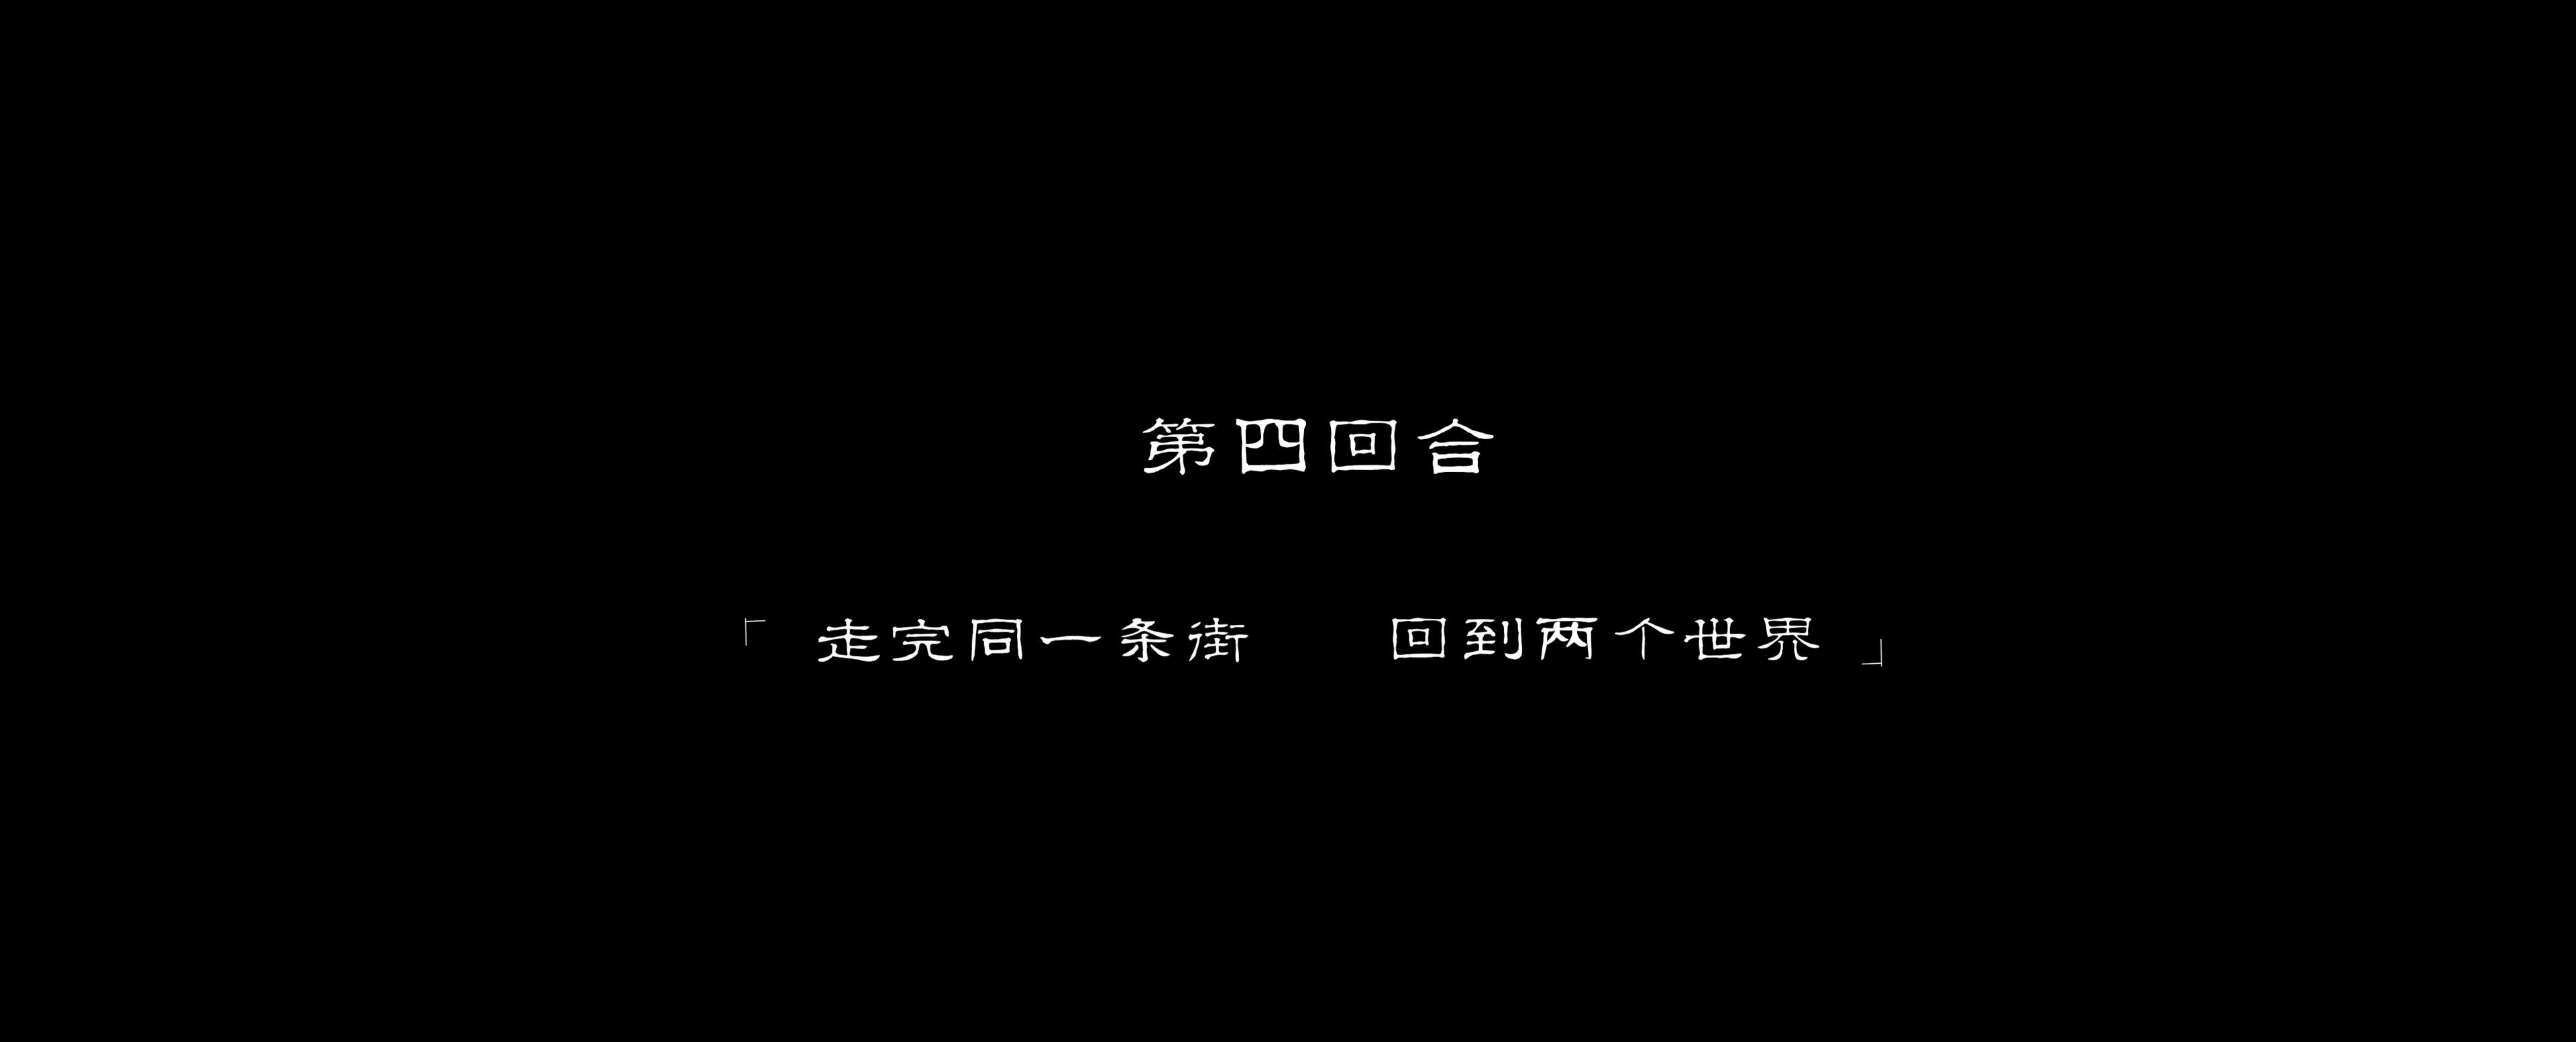 悠悠MP4_MP4电影下载_[王牌剑客][WEB-MKV/1.30GB][国语配音/中文字幕][4K-2160P][H265编码][陈汉典,喜剧,古装]